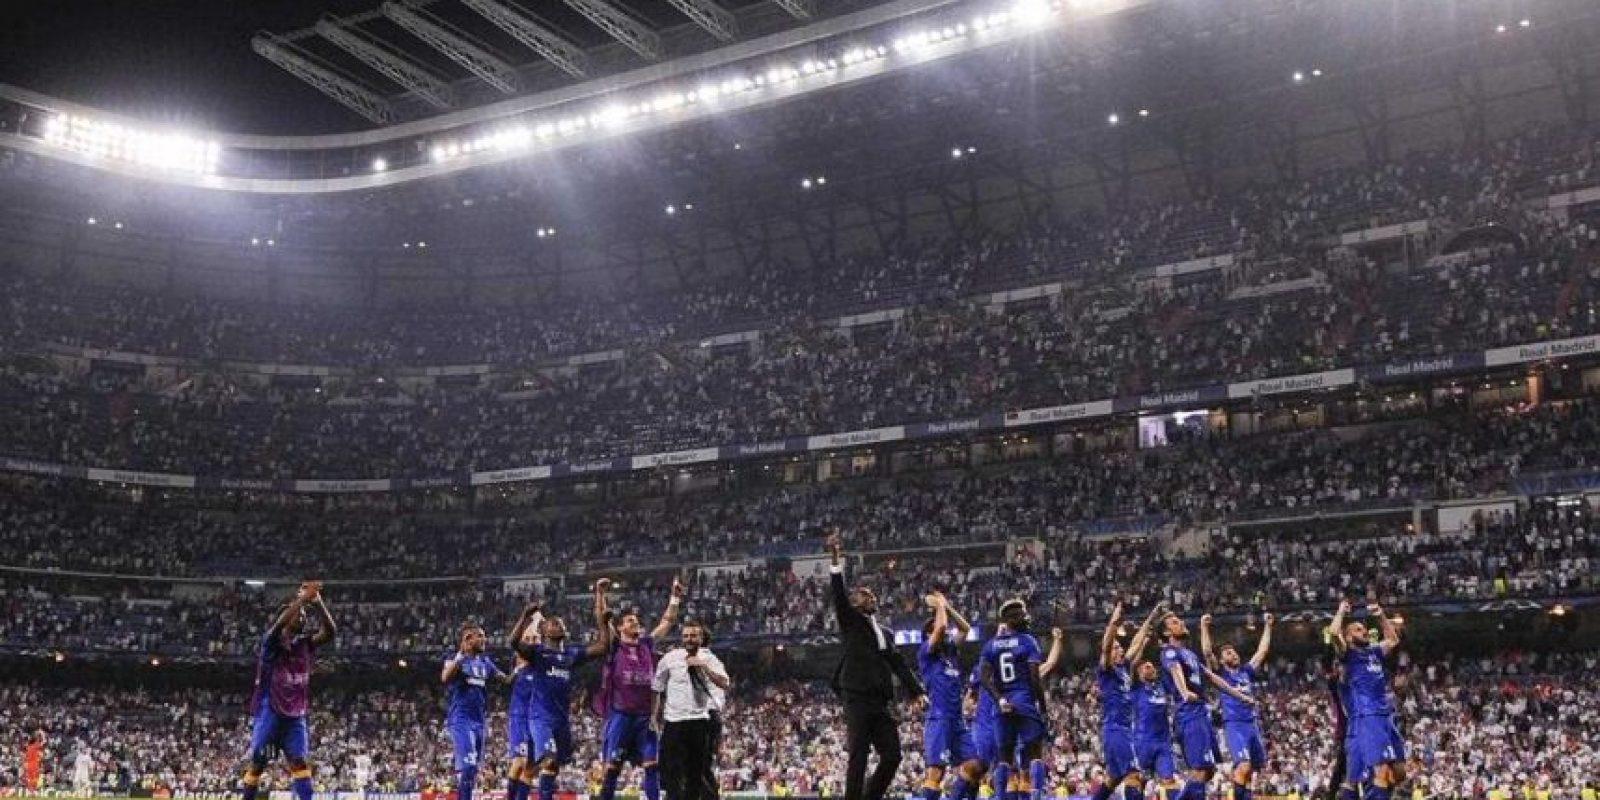 Cuando el árbitro marcó el final en el Bernabéu, la fiesta comenzó para Juventus.. Foto:Vía twitter.com/juventusfc